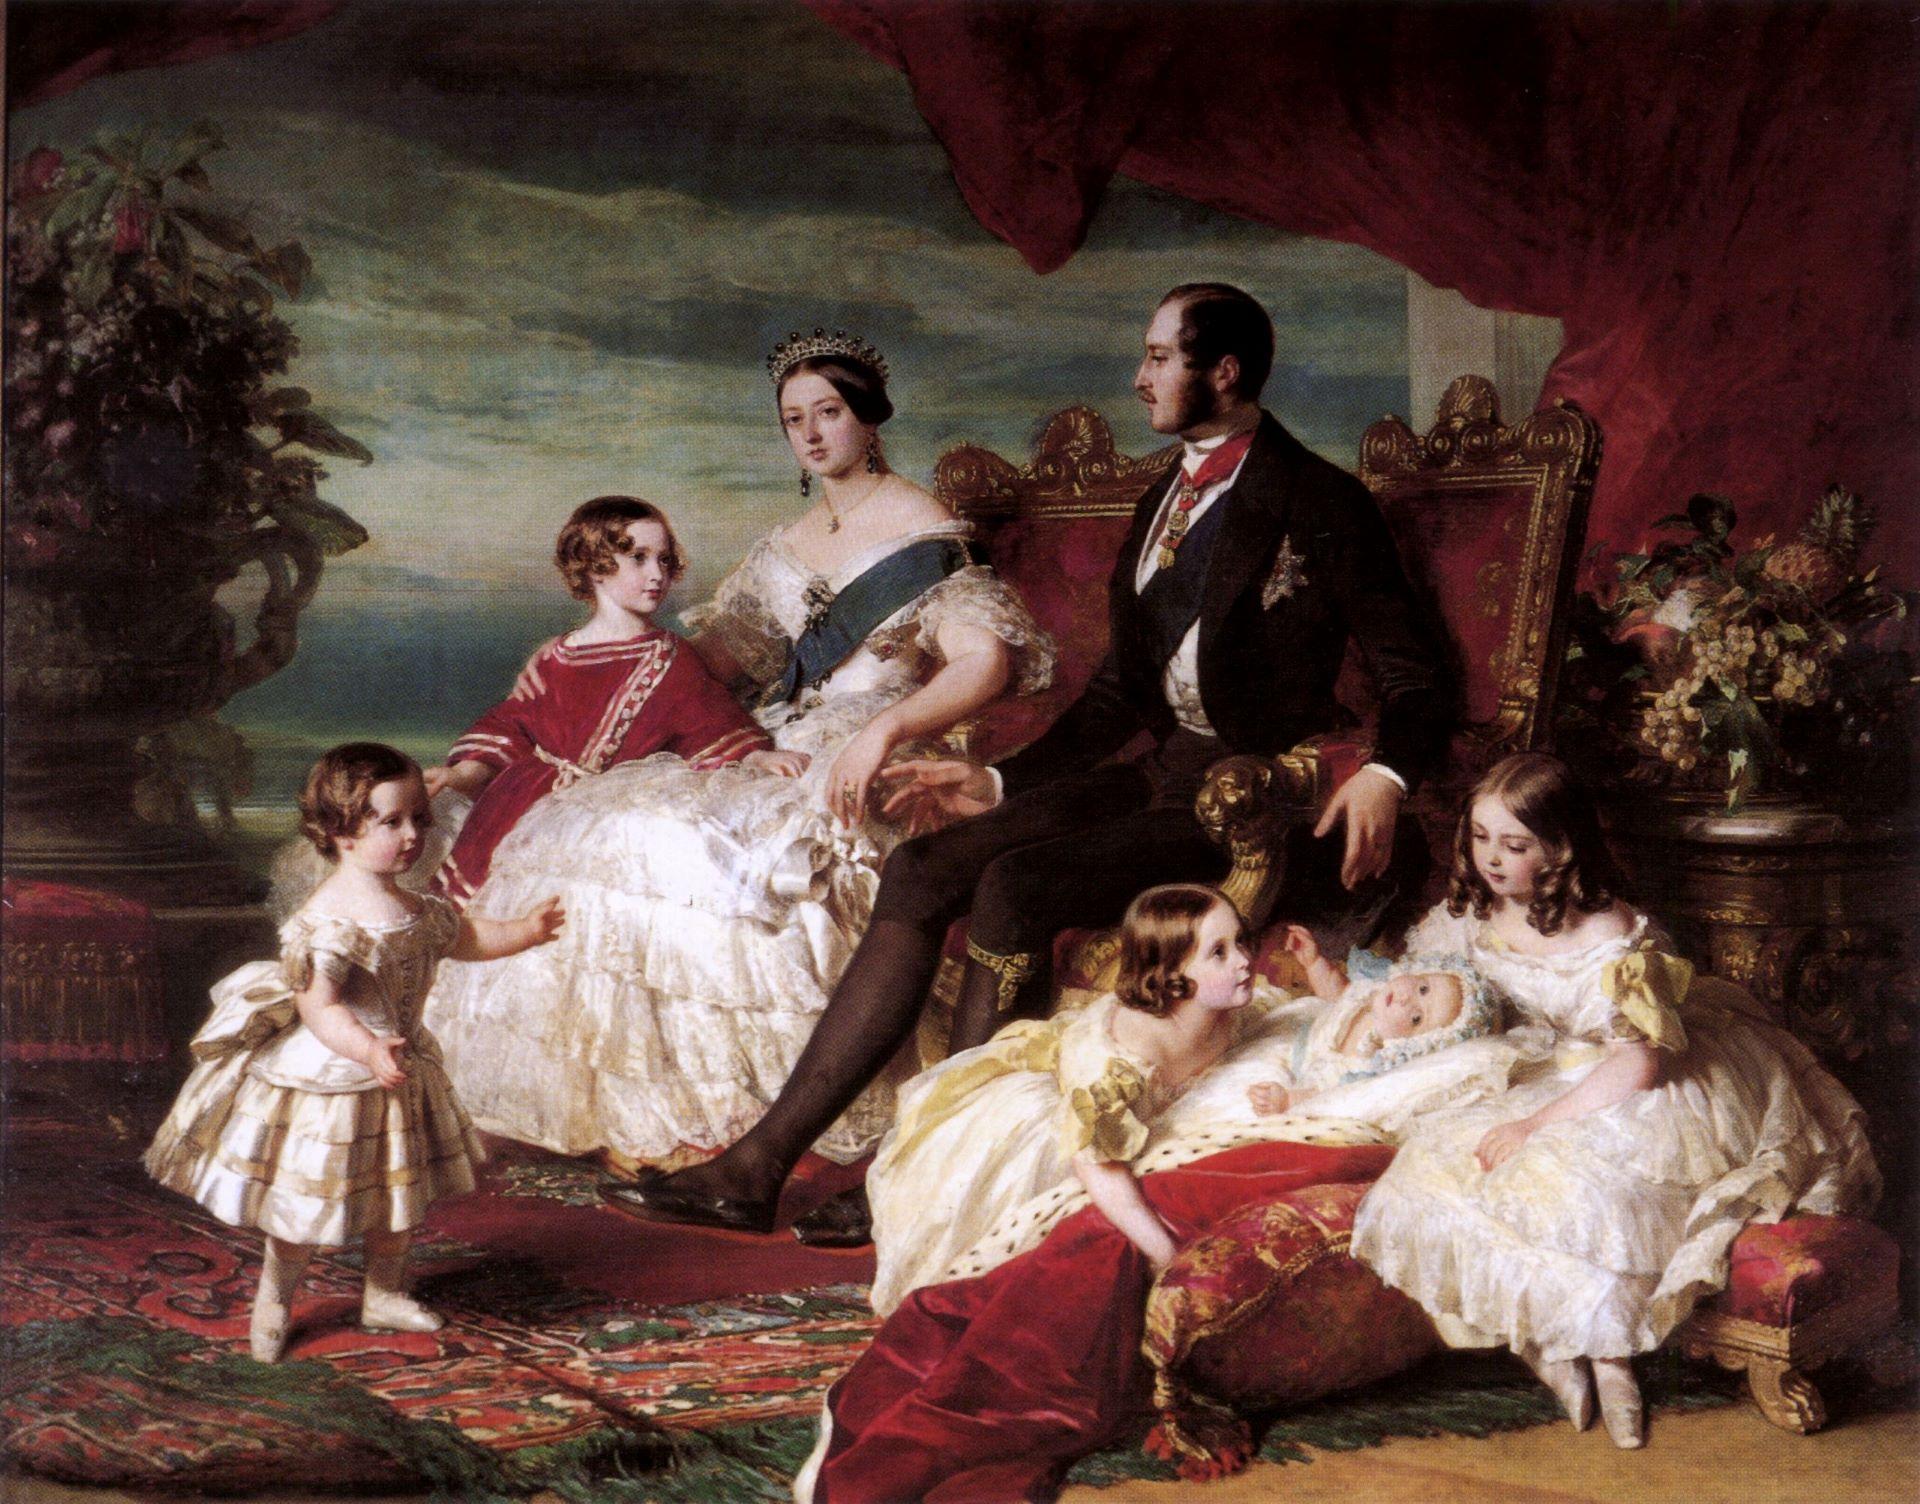 Portrait of Queen Victoria, Prince Albert, and five children.